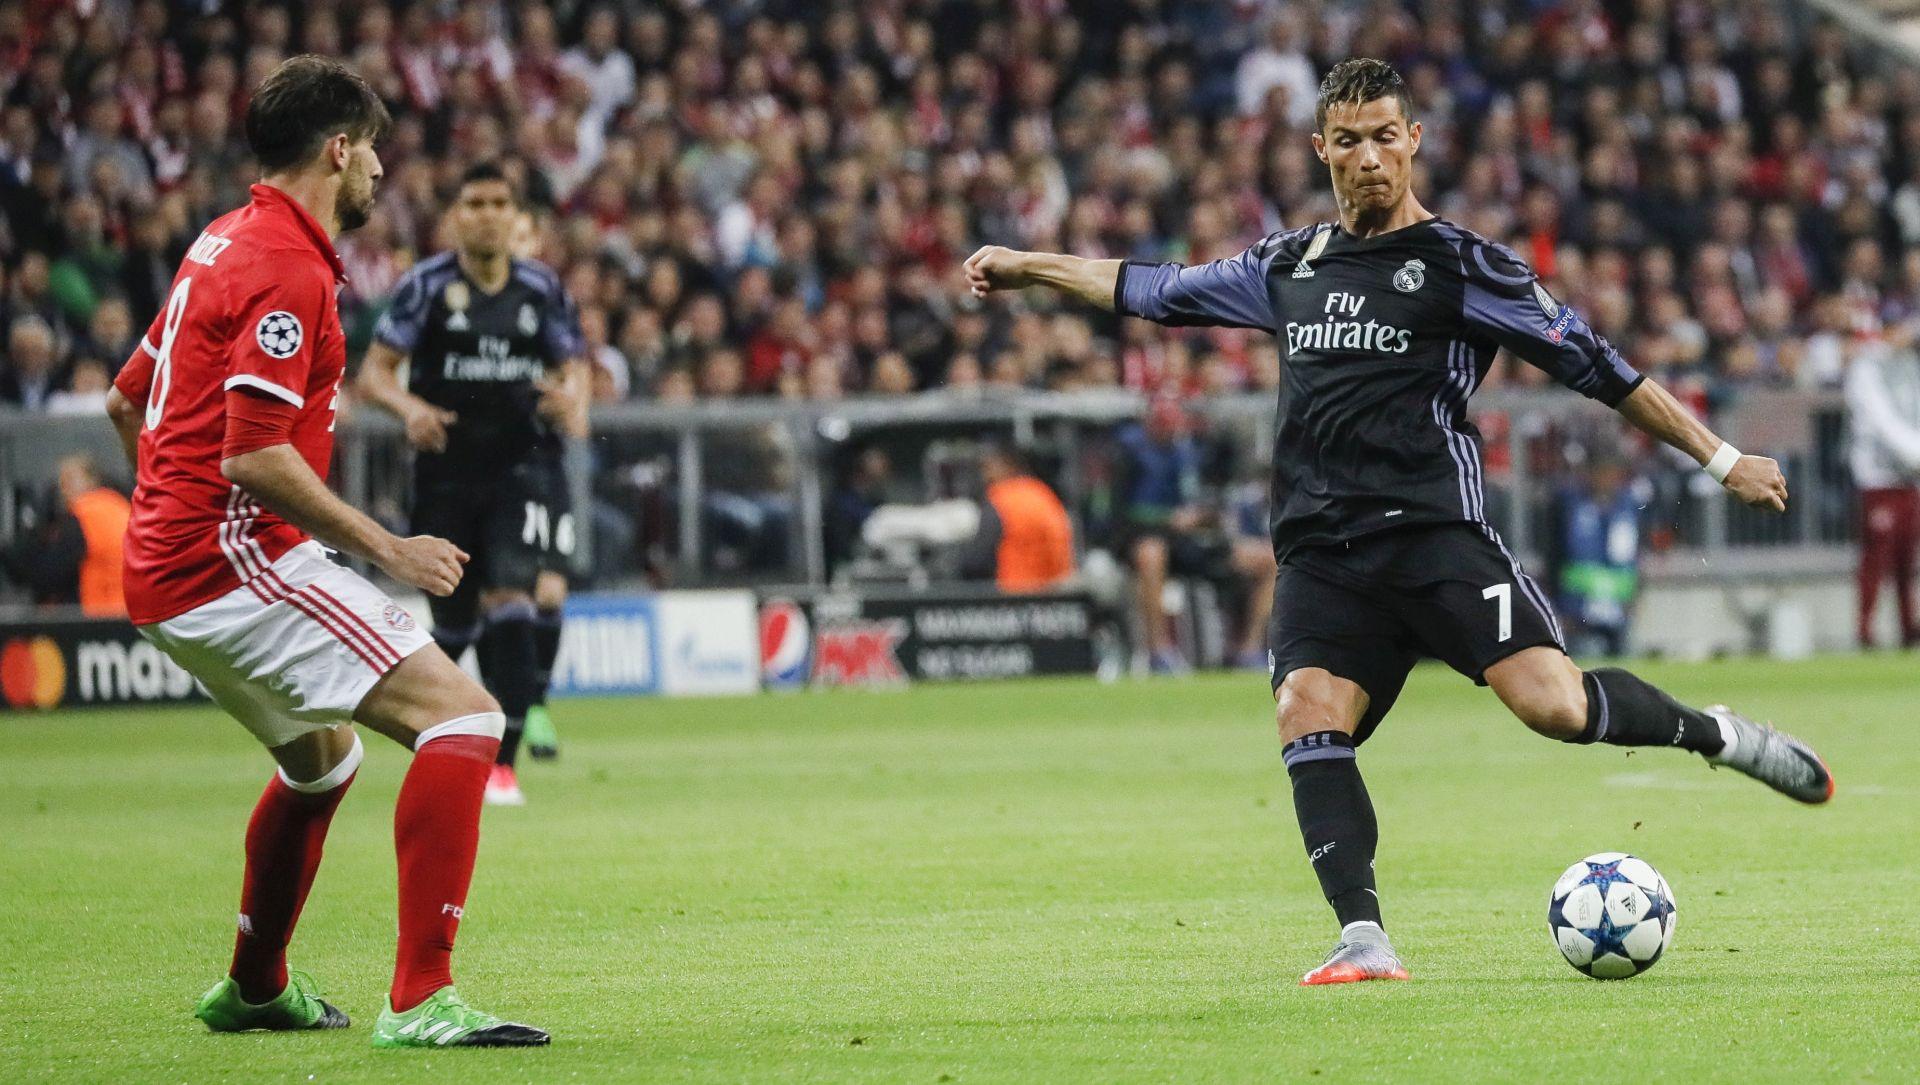 LIGA PRVAKA Slavlje Reala u Muenchenu uz dva gola Ronalda